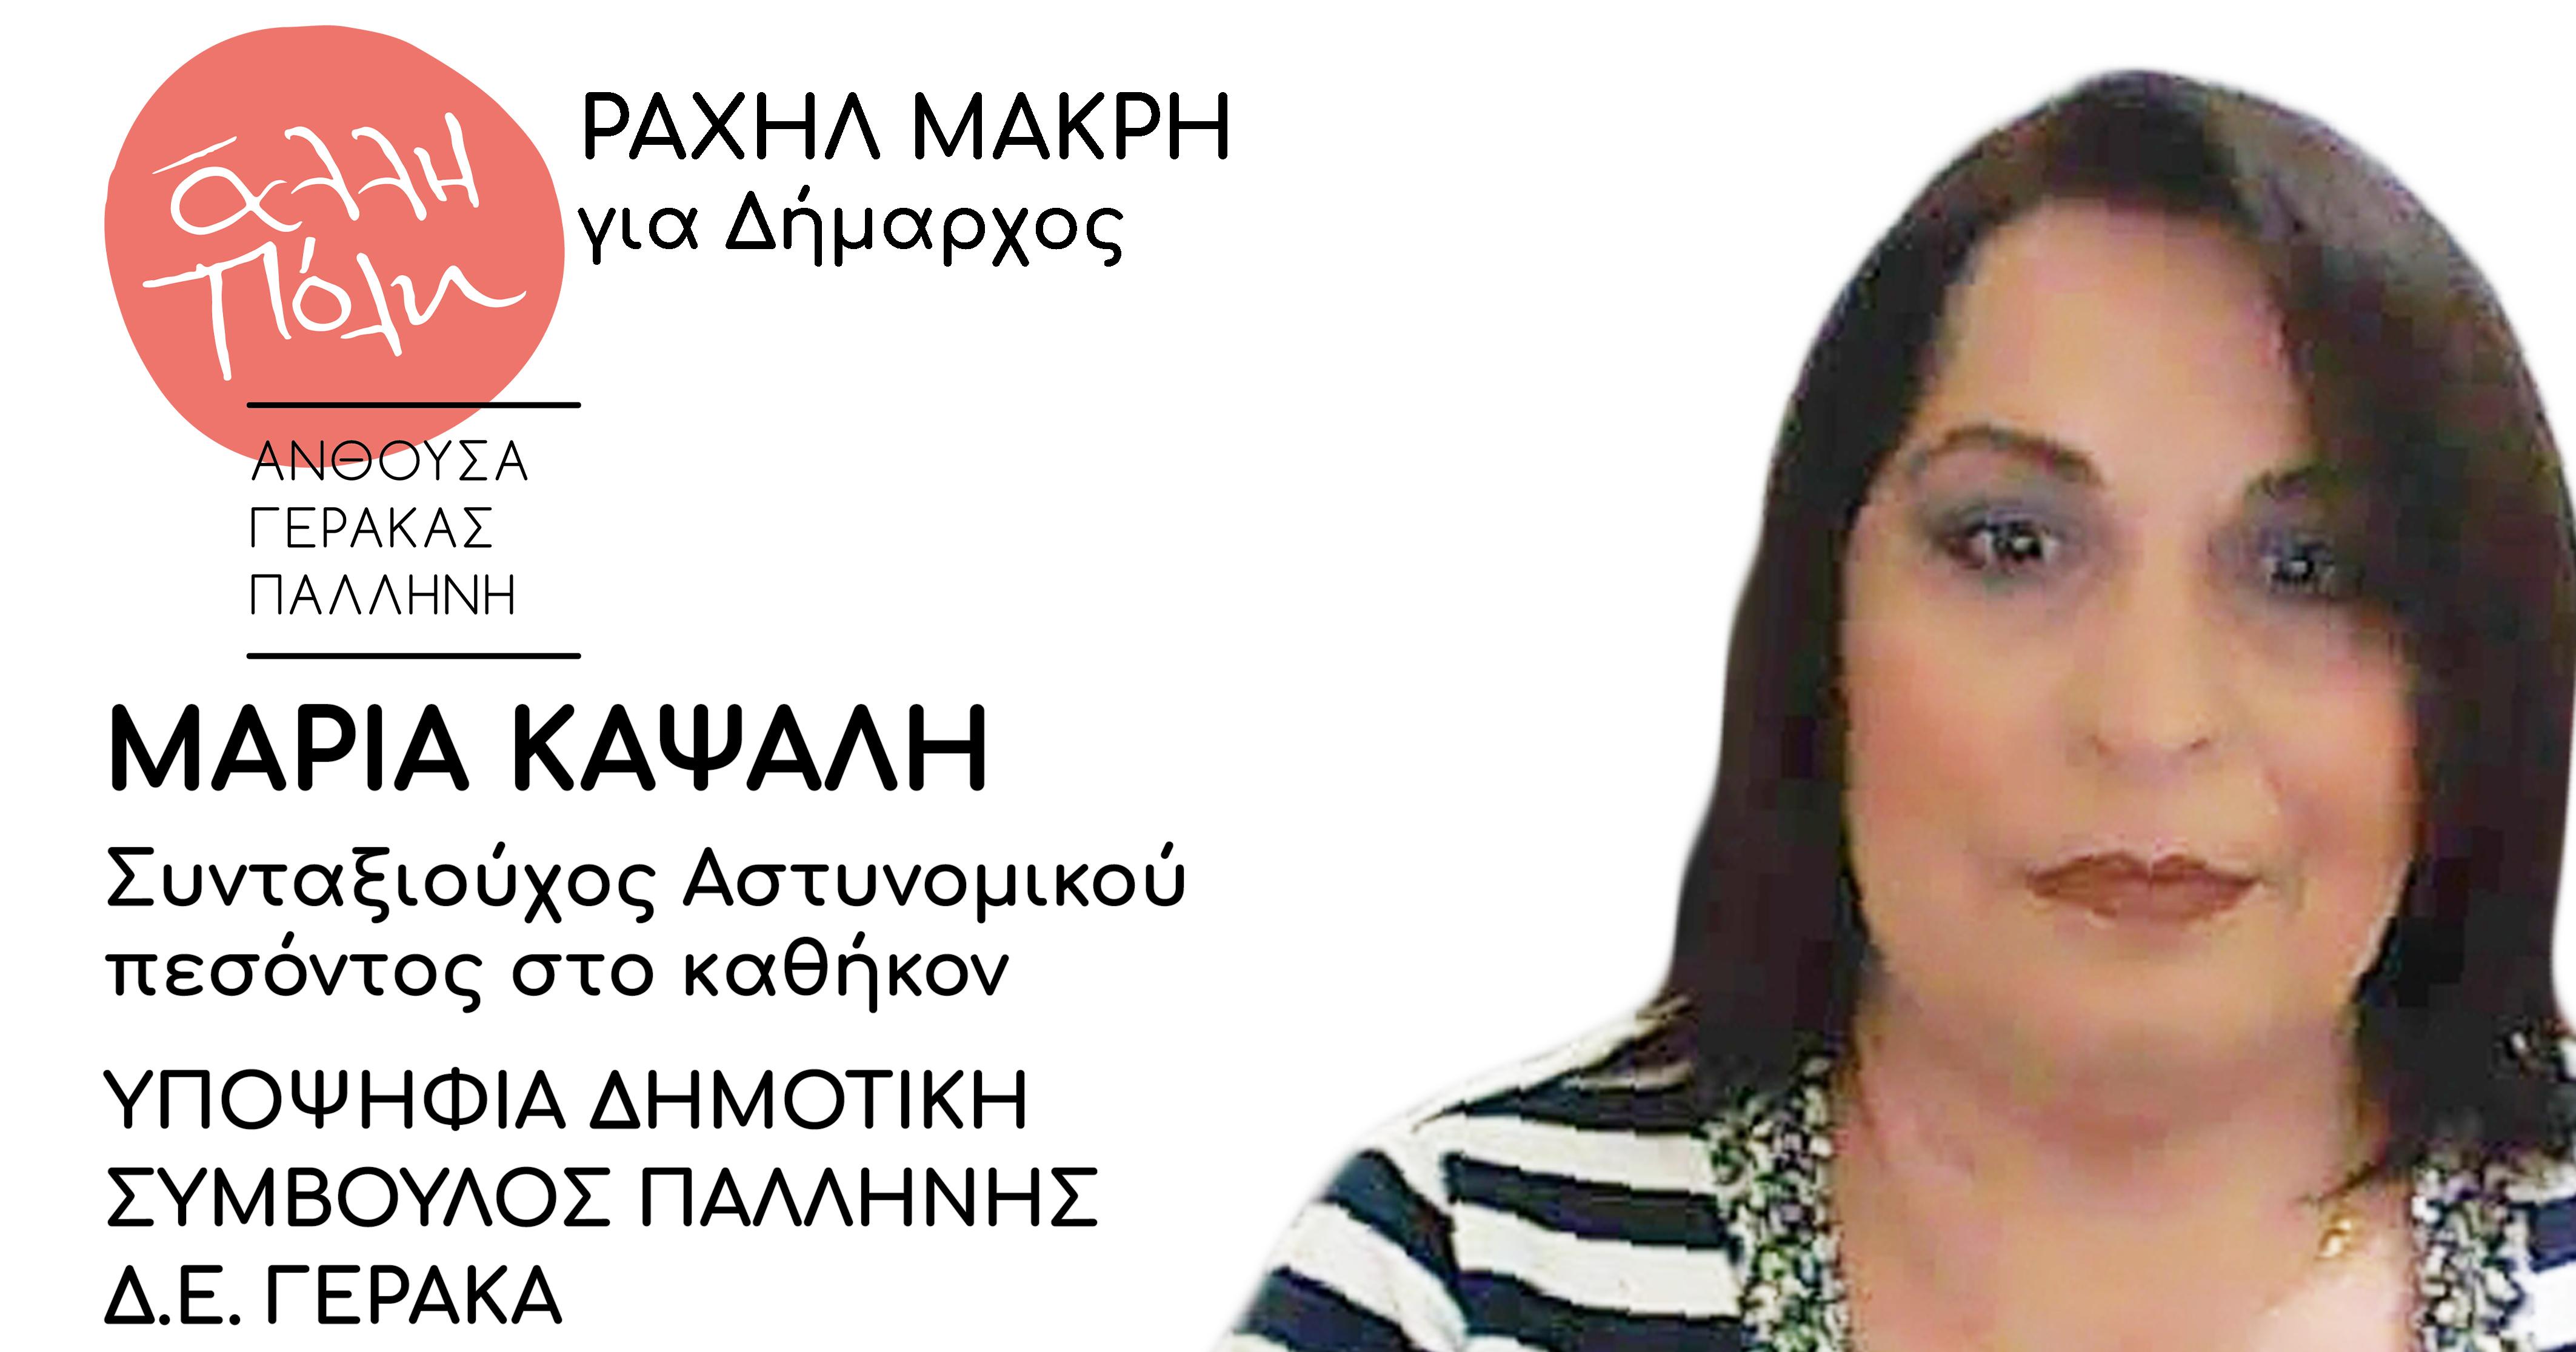 Υποψήφια Δημοτική Σύμβουλος – Μαρία Καψάλη